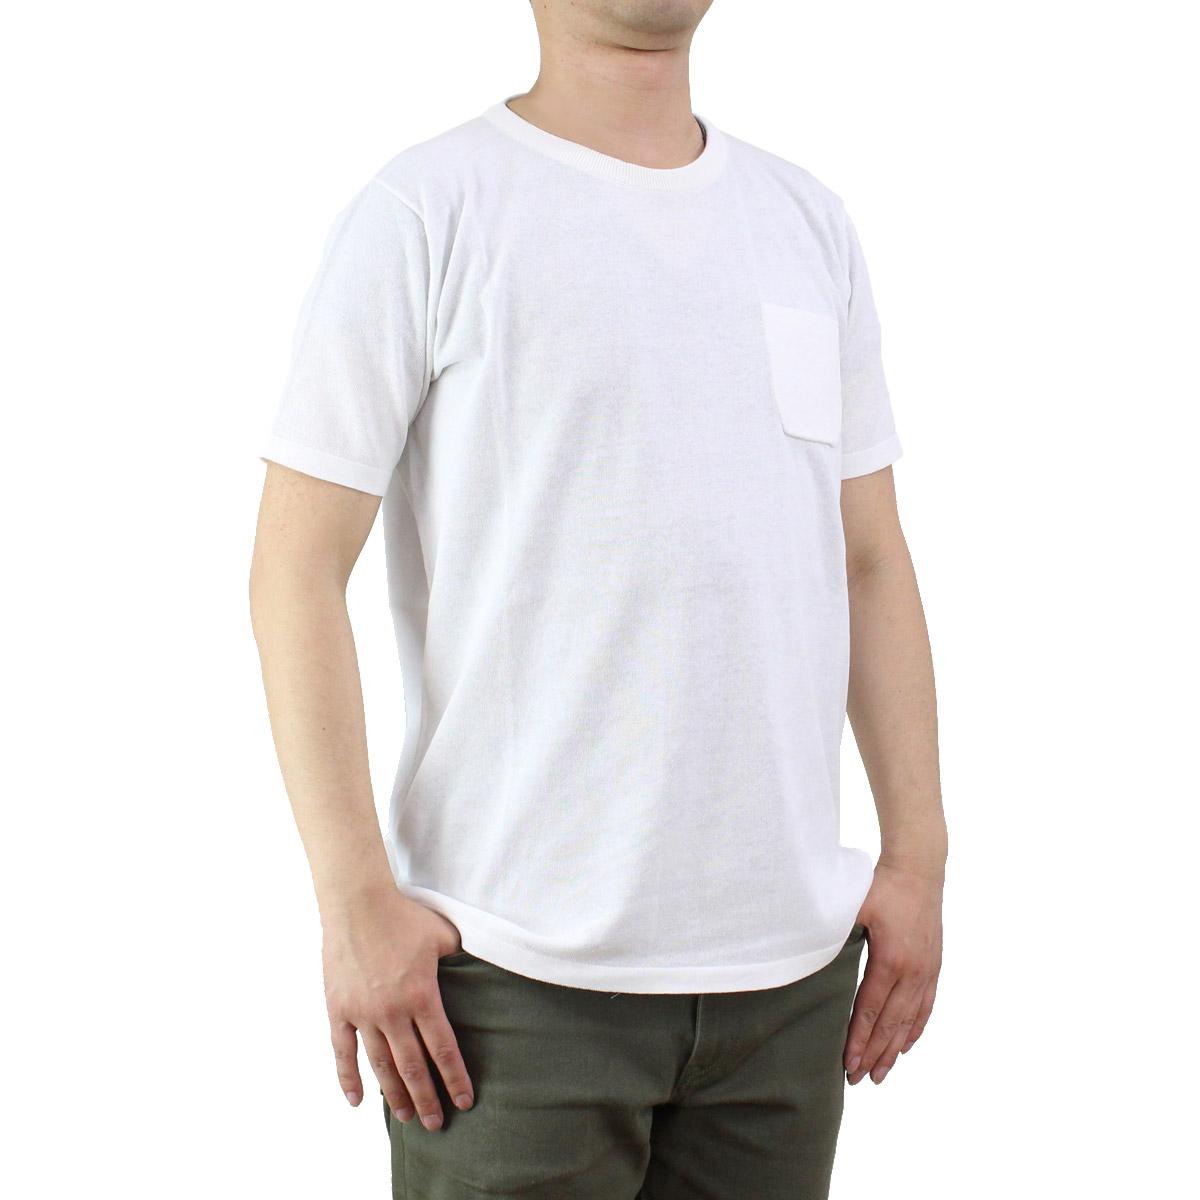 バーク Bark  メンズ 半袖 サマー セーター 71B6006 281 OFF-WHITE ホワイト系  メンズ OLS-4